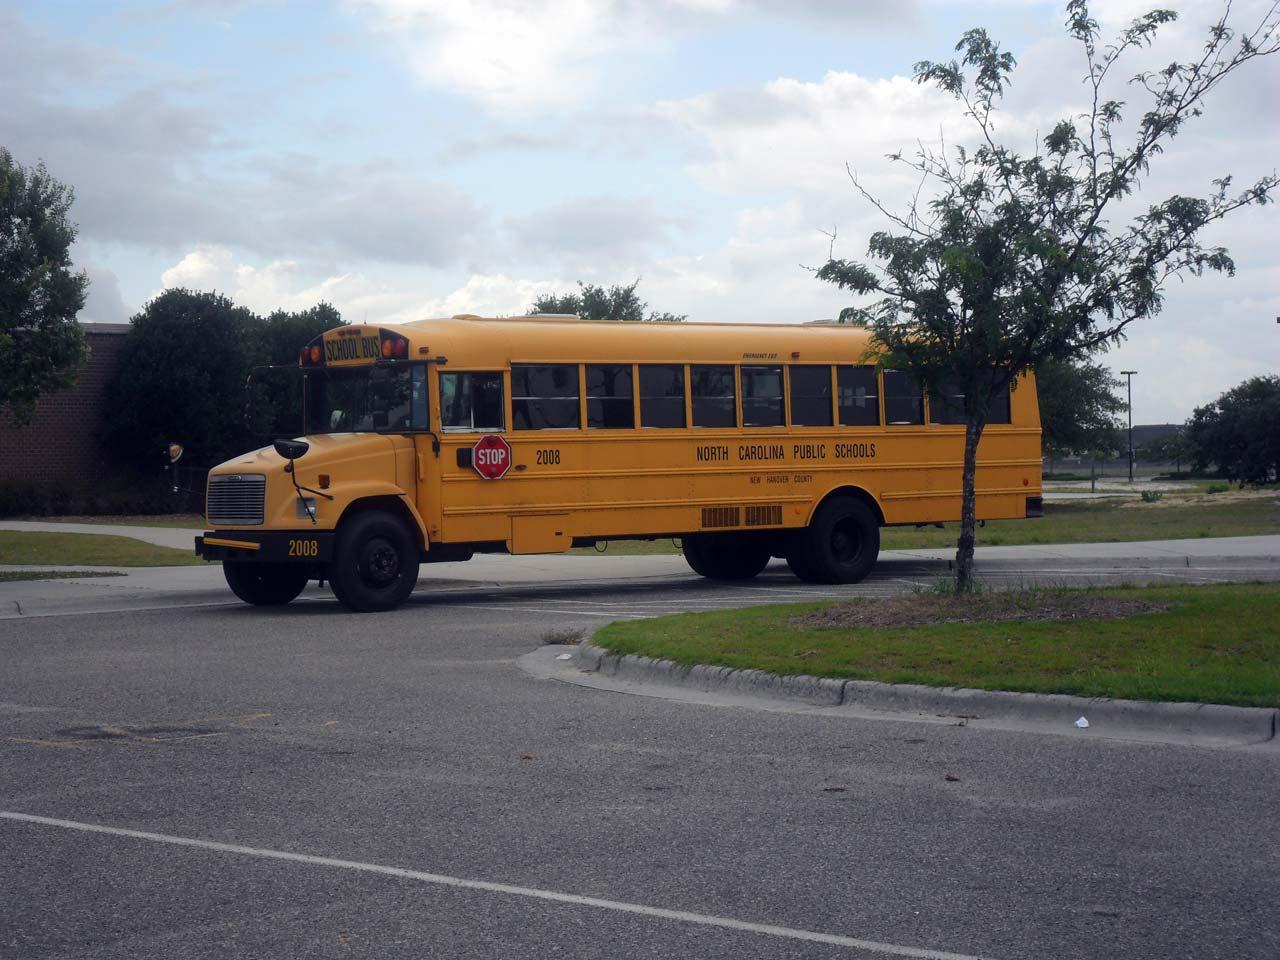 Çoğu Amerikan filminde gördüğümüz okul otobüsü 🙂